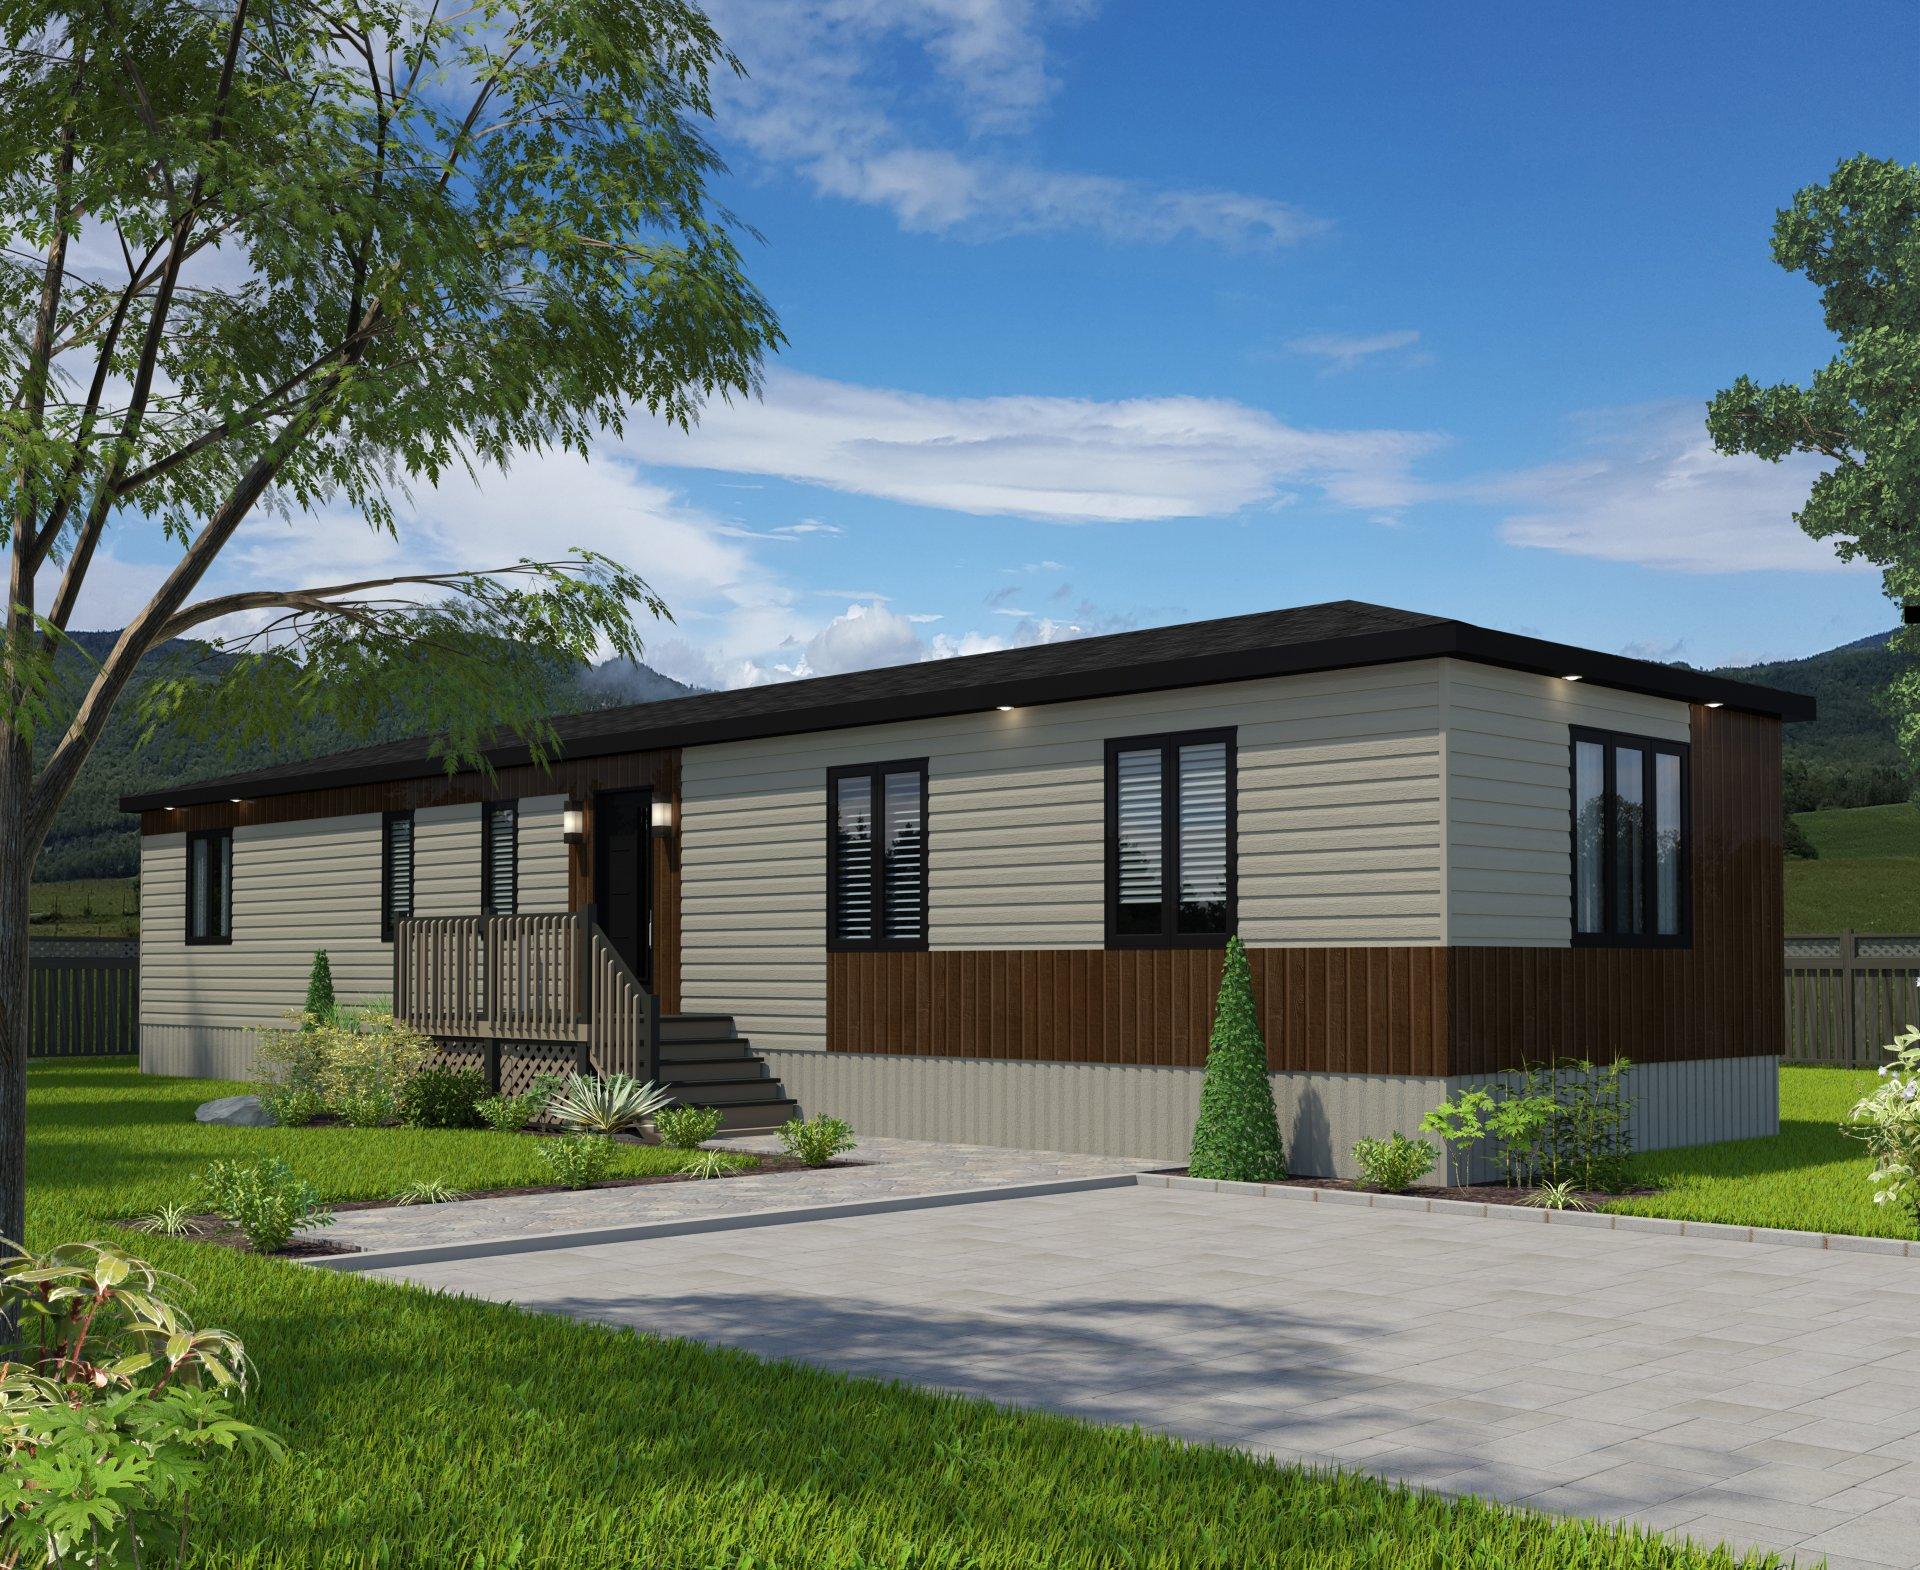 Les maisons ouellet projets domiciliaires for Maison unimodulaire prix